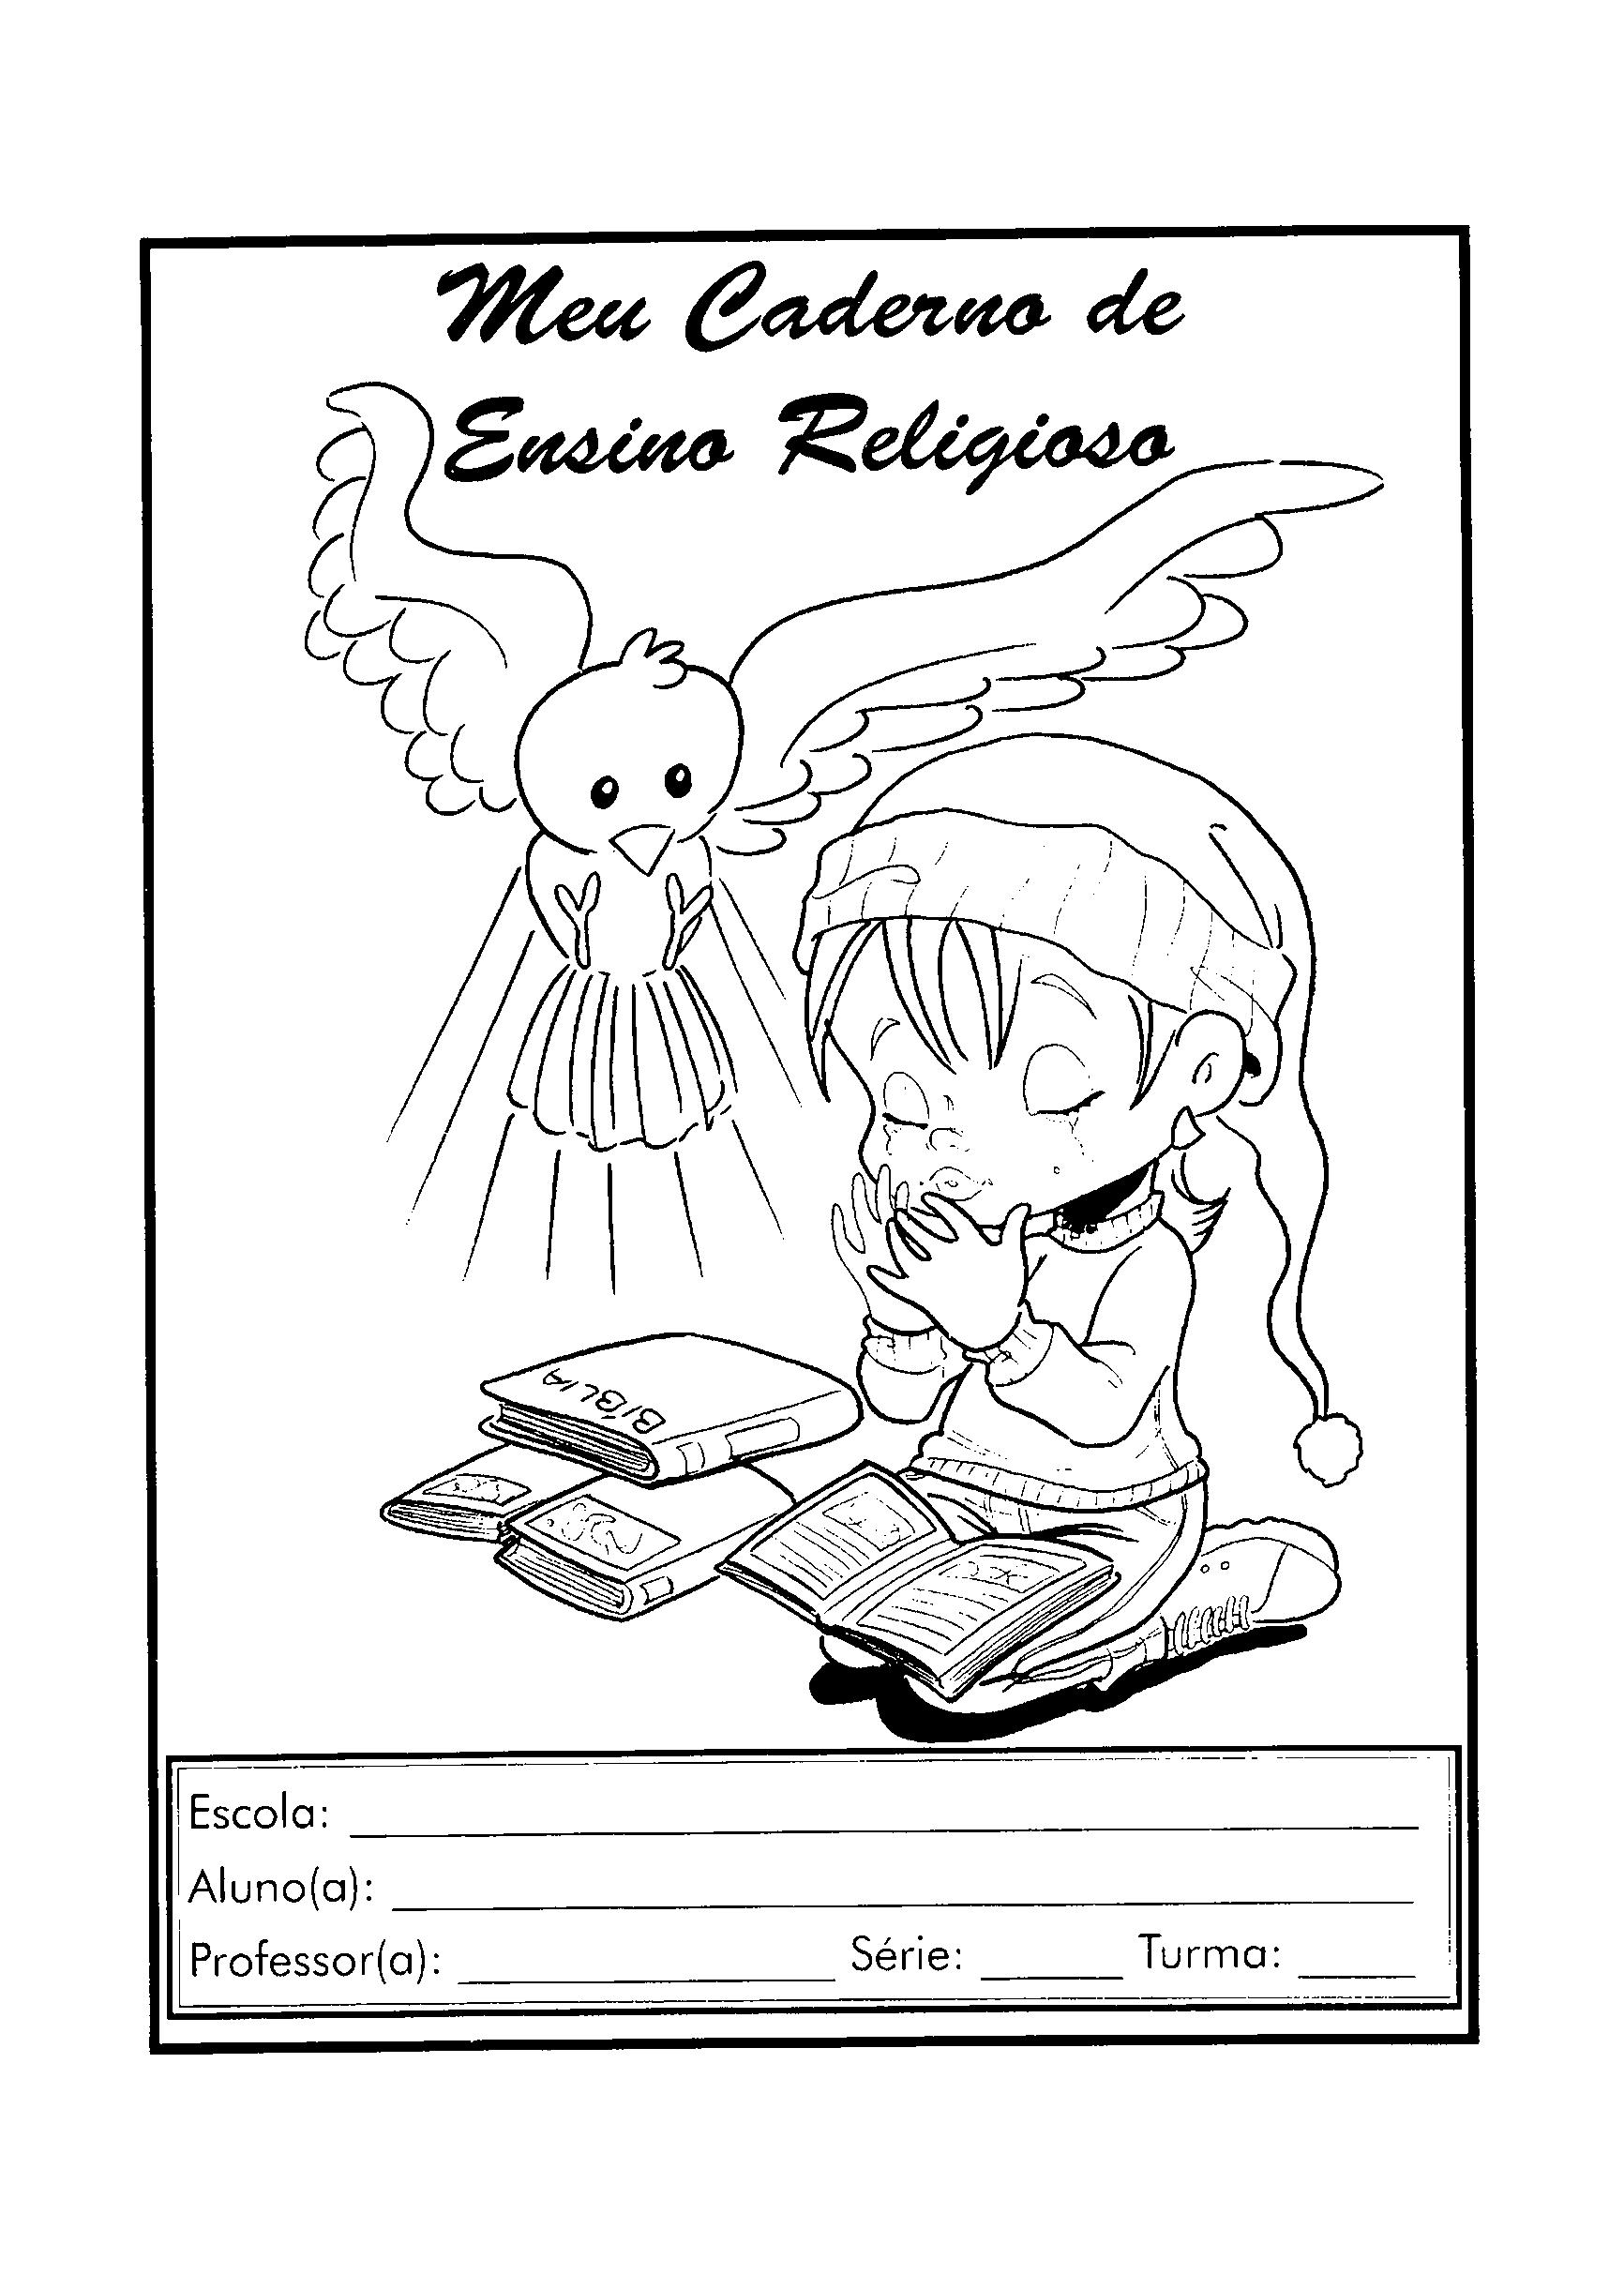 capa-caderno-religioso